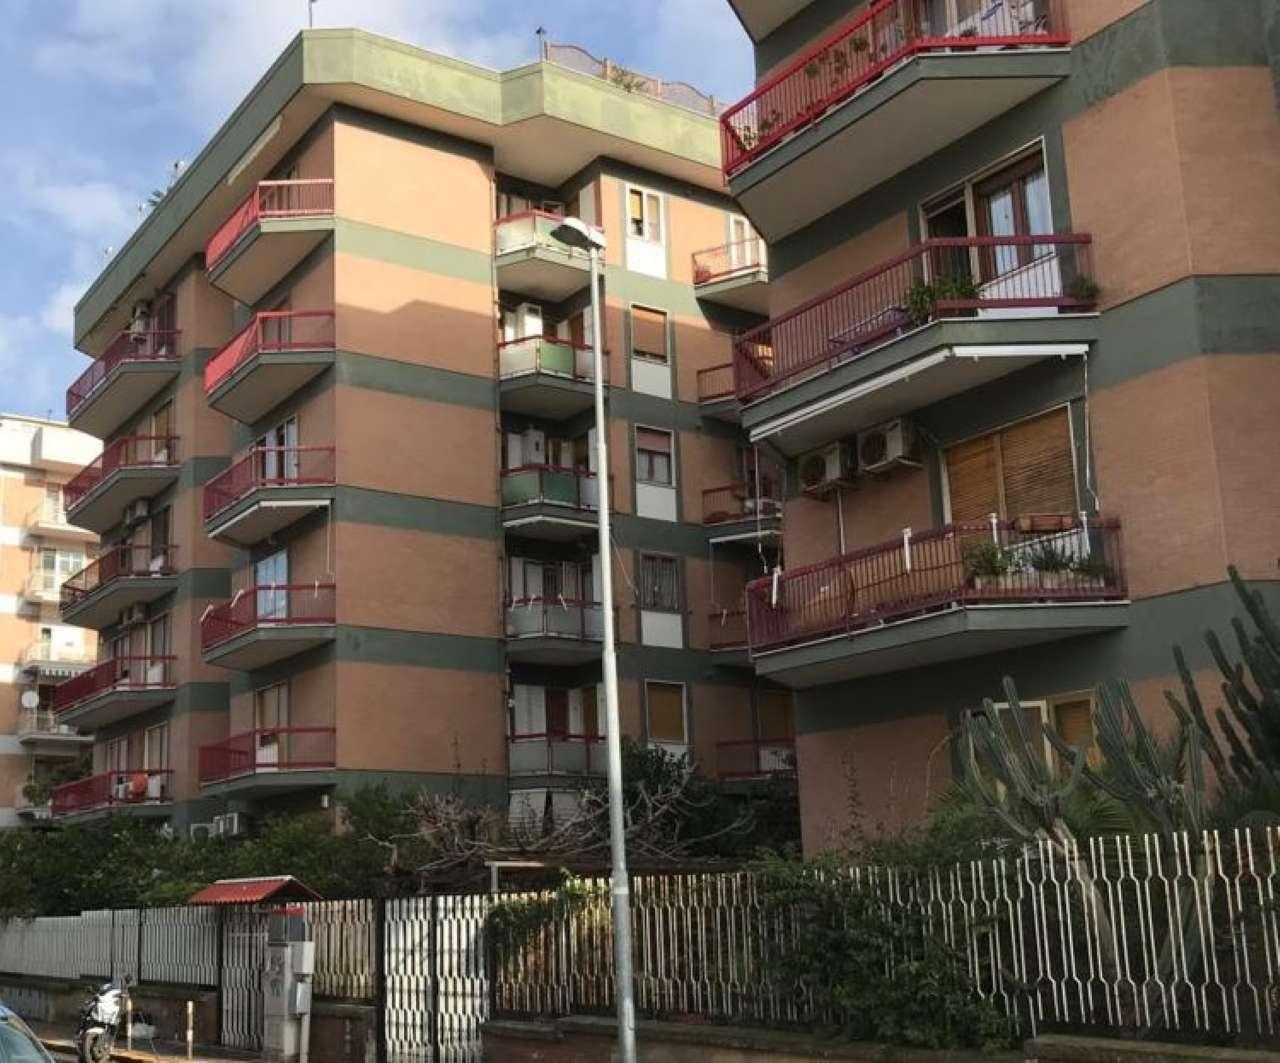 Appartamento in affitto a San Giorgio a Cremano, 3 locali, prezzo € 750 | CambioCasa.it